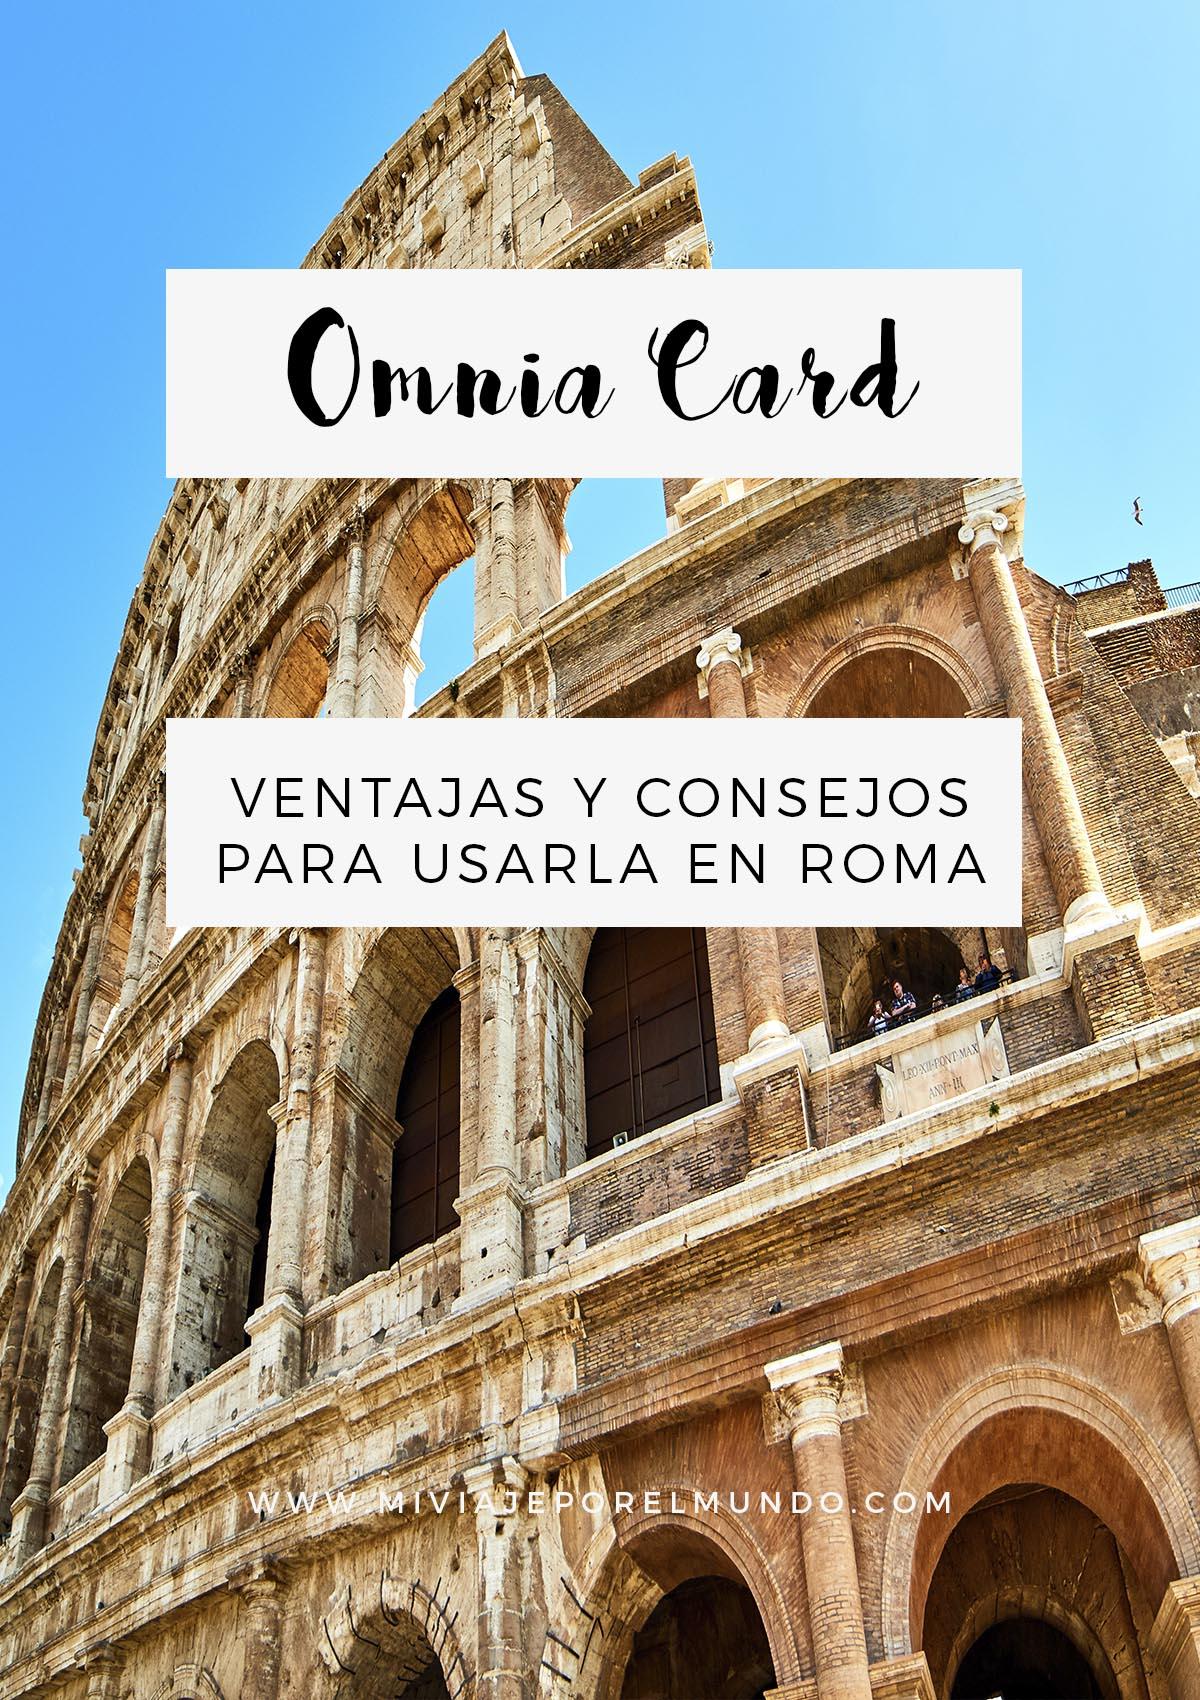 ventajas de usar la tarjeta omnia roma